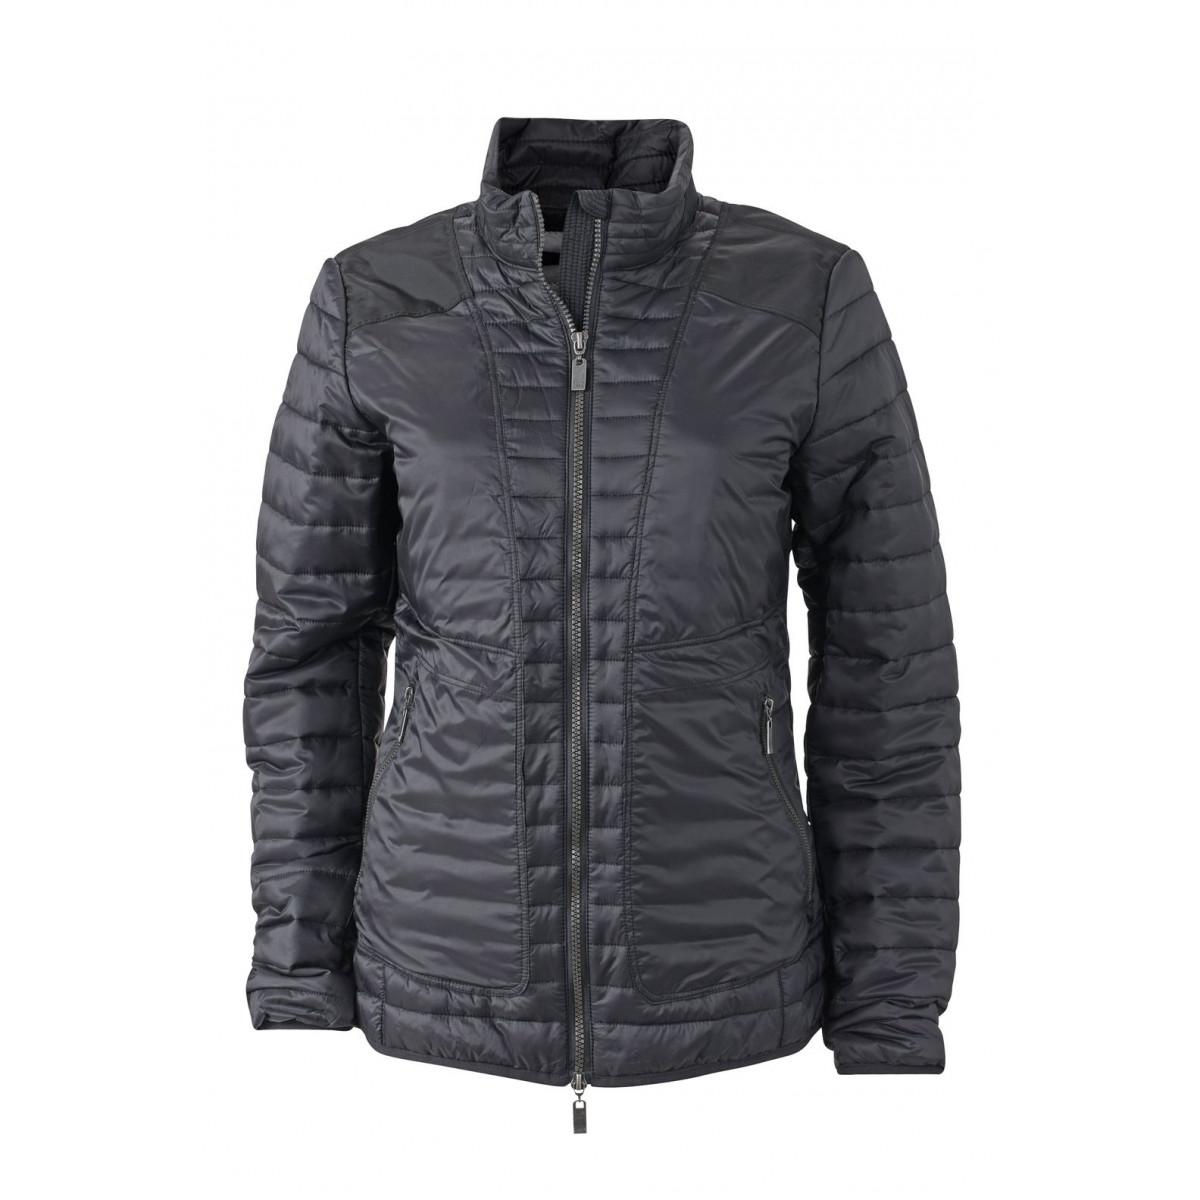 Куртка женская JN1111 Ladies Lightweight Jacket - Черный/Серебряный